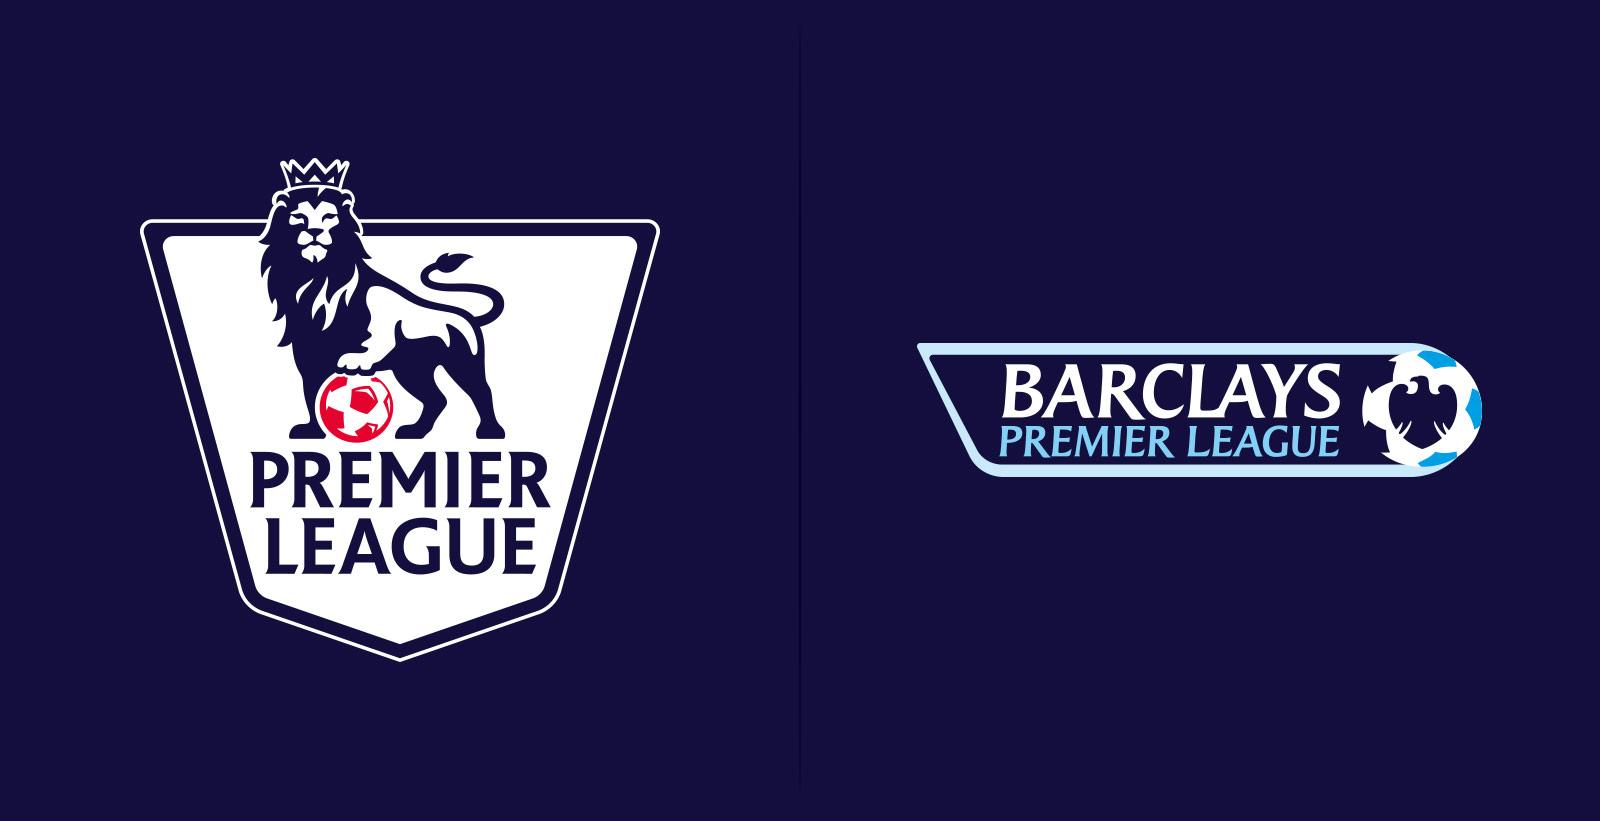 premier league.com